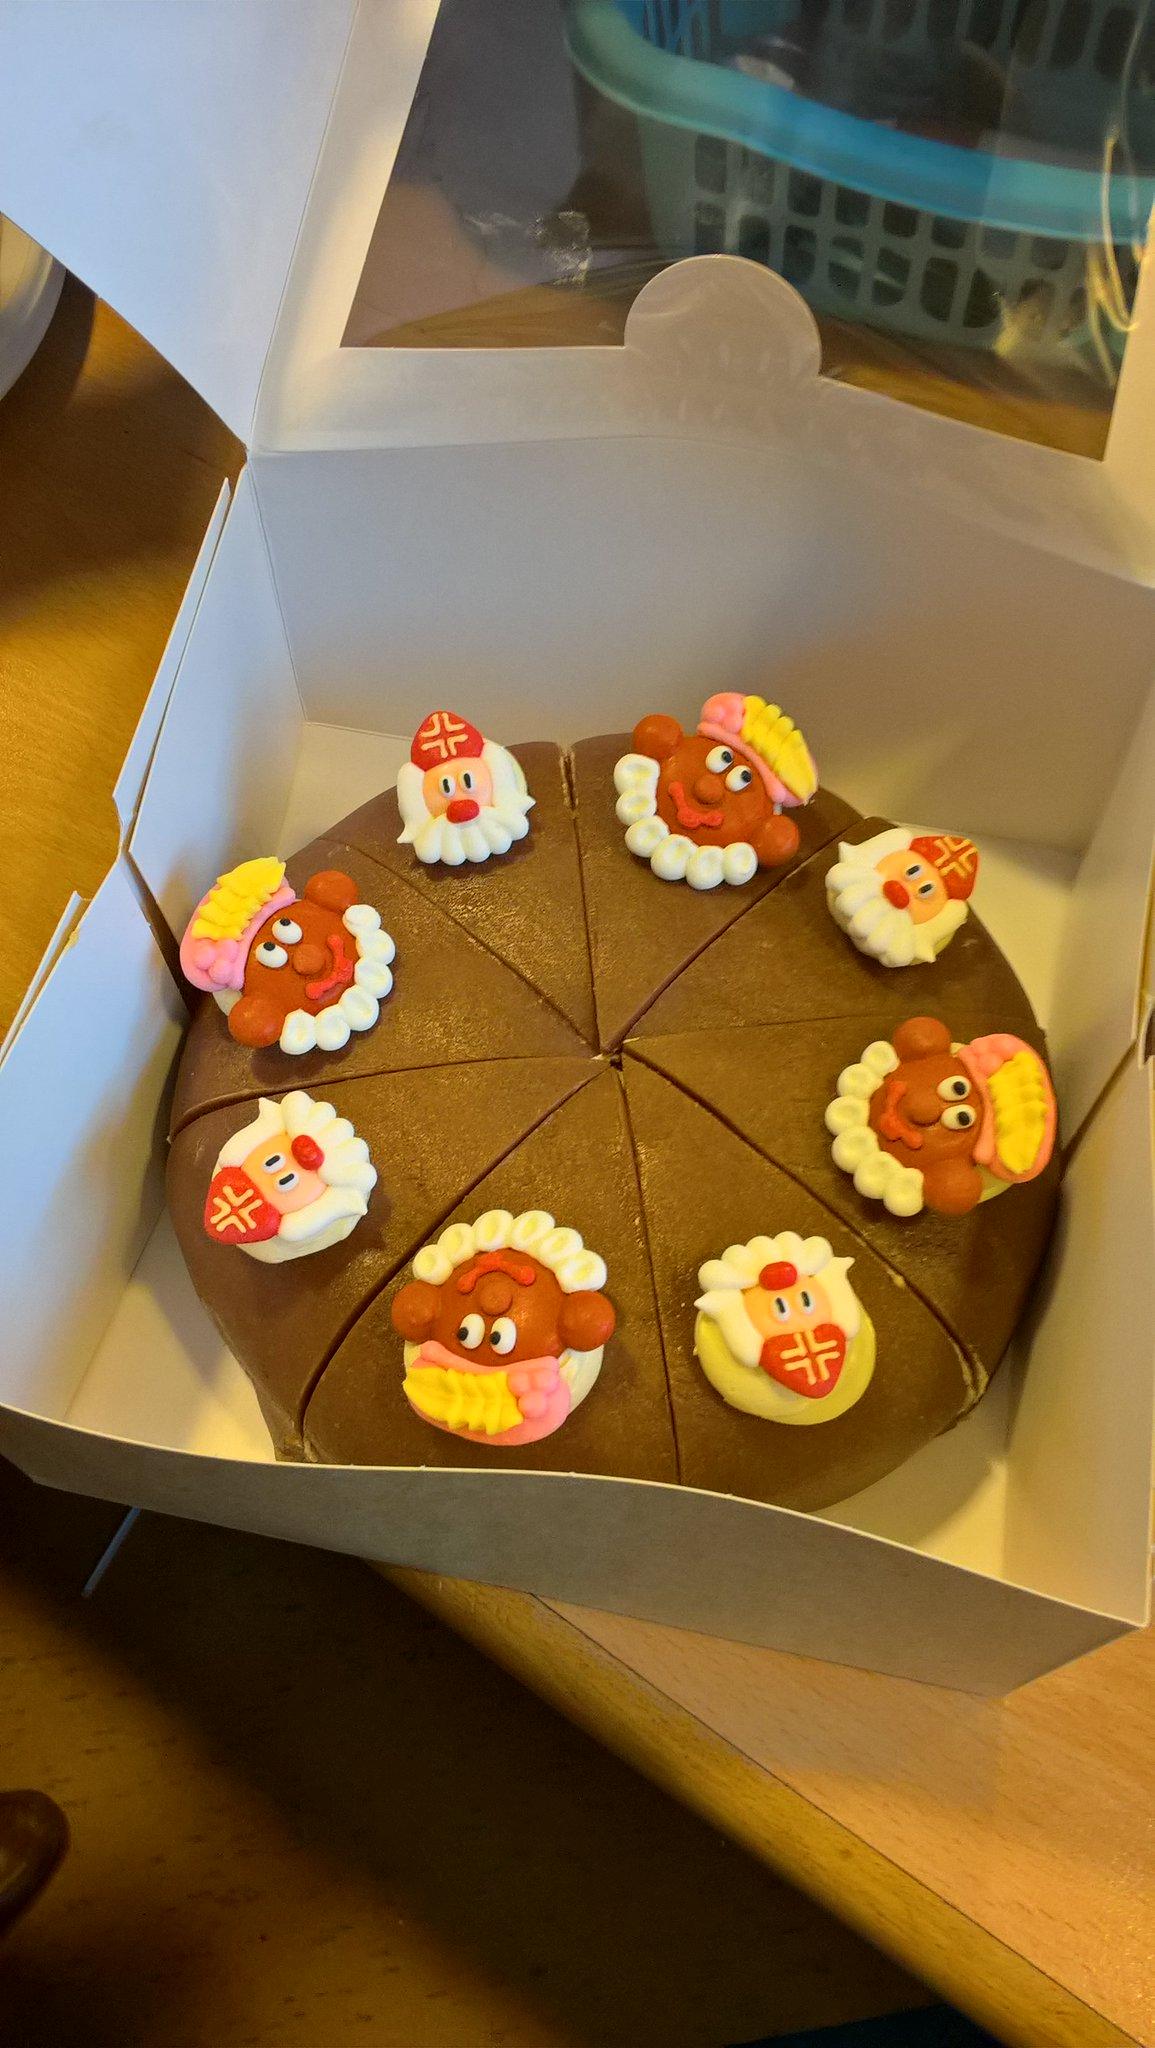 Opnieuw dank voor het heerlijke gebak van @FVatel ! Het fleurt onze #opruimdag leuk op! #opruimestafette https://t.co/yVTBUyQ1zV